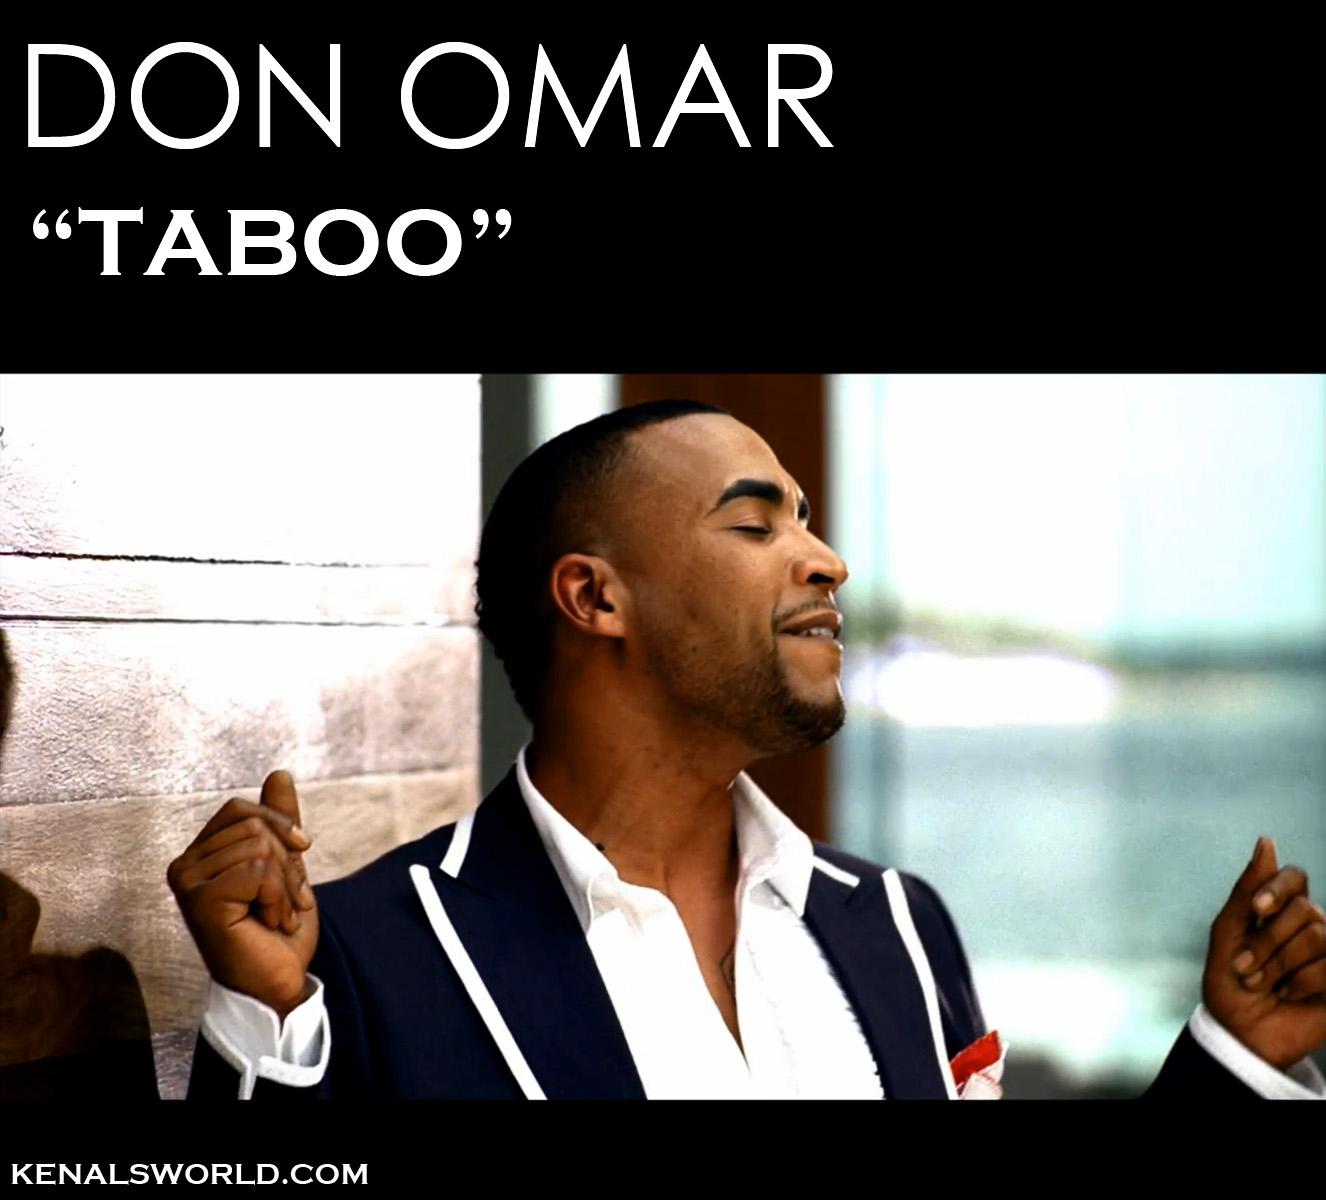 www video de don omar com: